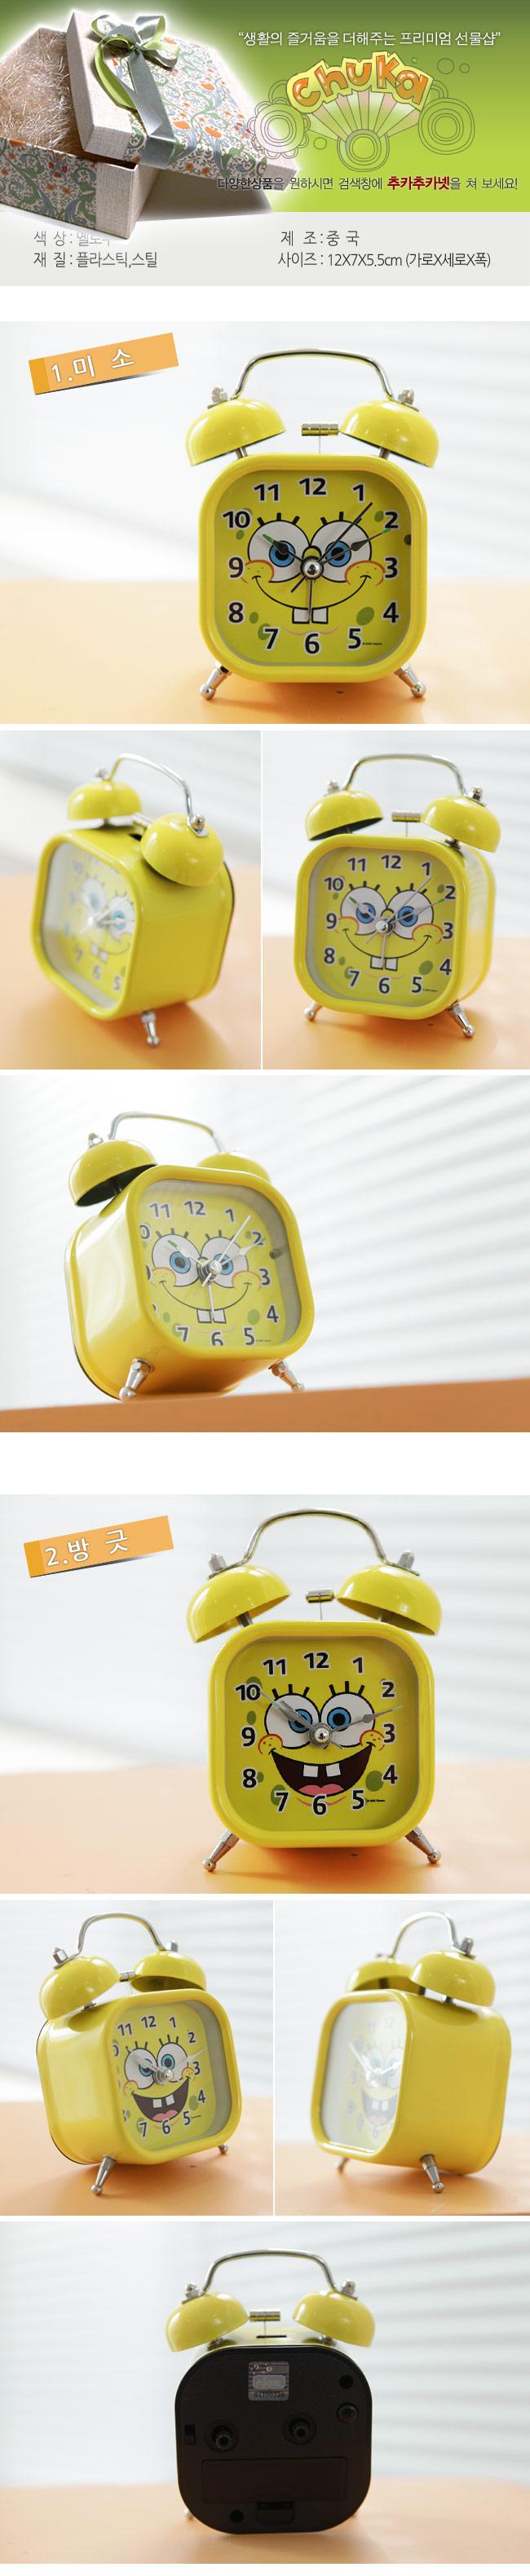 (스폰지밥 정품) 스폰지밥 사각 알람 탁상시계 - 추카추카넷, 17,500원, 알람/탁상시계, 알람시계